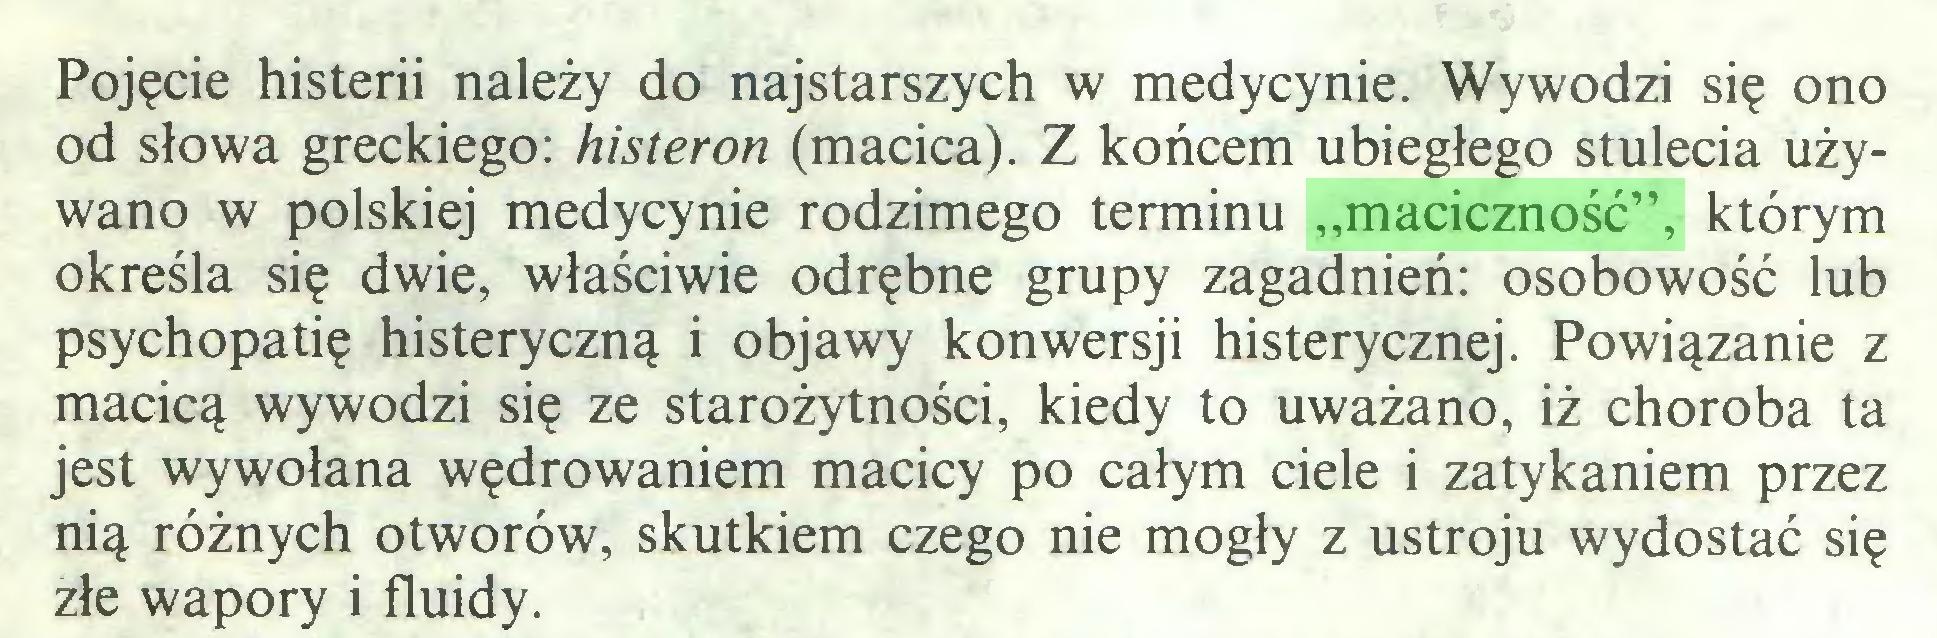 """(...) Pojęcie histerii należy do najstarszych w medycynie. Wywodzi się ono od słowa greckiego: histeron (macica). Z końcem ubiegłego stulecia używano w polskiej medycynie rodzimego terminu """"maciczność"""", którym określa się dwie, właściwie odrębne grupy zagadnień: osobowość lub psychopatię histeryczną i objawy konwersji histerycznej. Powiązanie z macicą wywodzi się ze starożytności, kiedy to uważano, iż choroba ta jest wywołana wędrowaniem macicy po całym ciele i zatykaniem przez nią różnych otworów, skutkiem czego nie mogły z ustroju wydostać się złe wapory i fluidy..."""